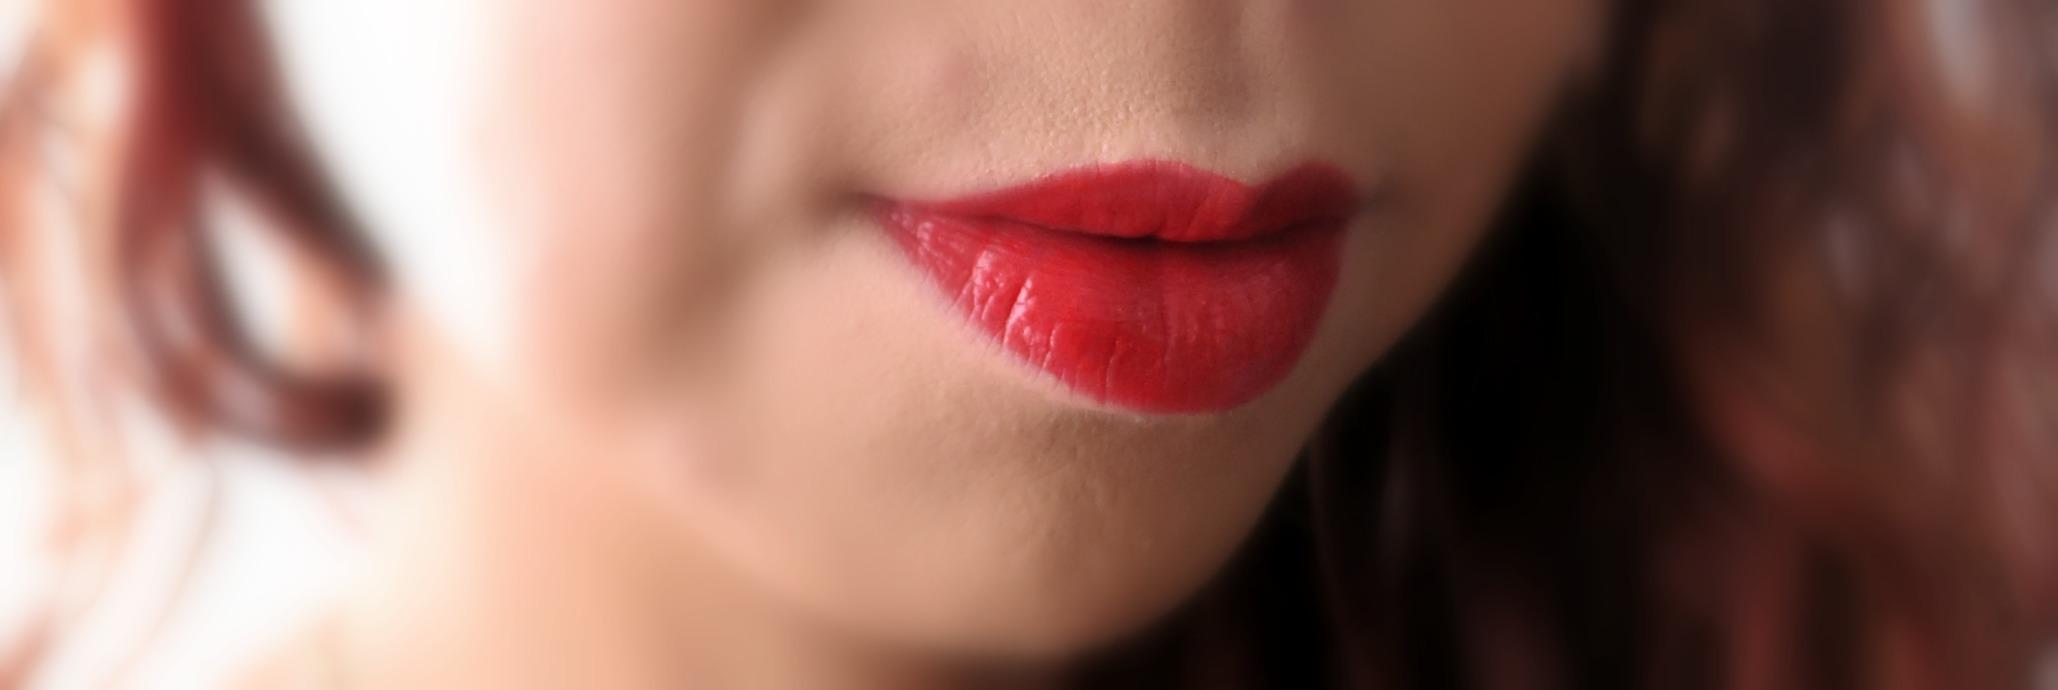 Stila-summer-poppy-red